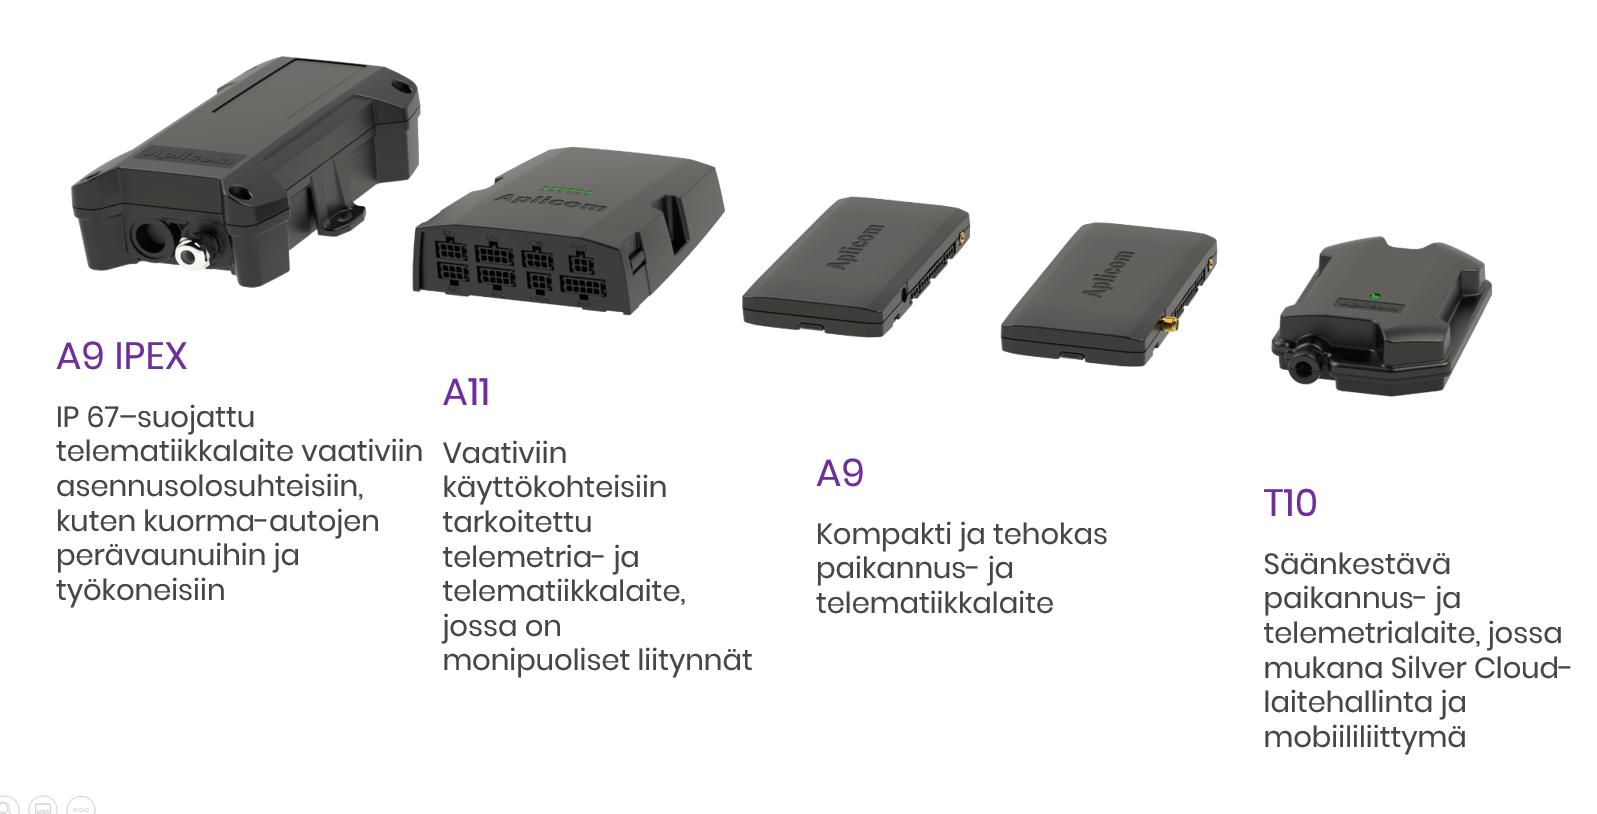 Aplicom telematiikkalaitteet paikannus telemetria telematiikka CAN